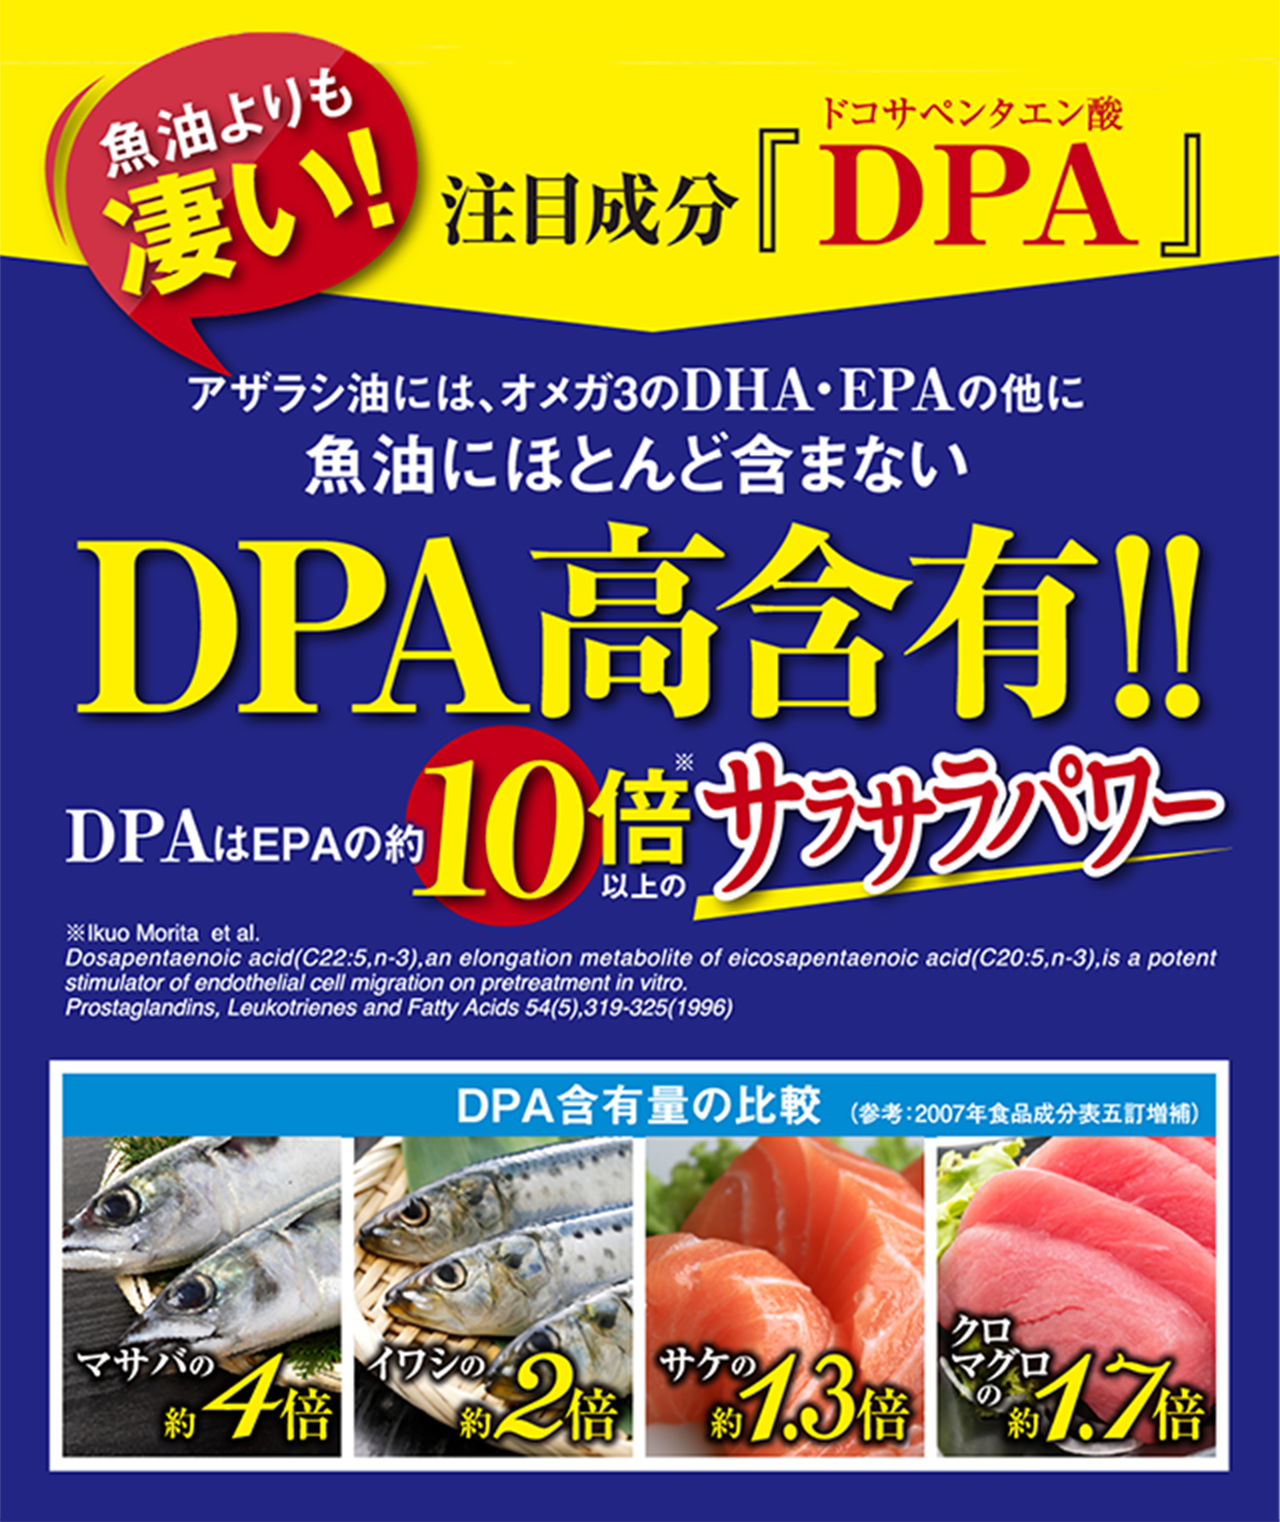 魚油より凄い!注目成分DPA アザラシ油には、オメガ3のDHA・EPAの他に魚油にはほとんど含まないDPA高含有